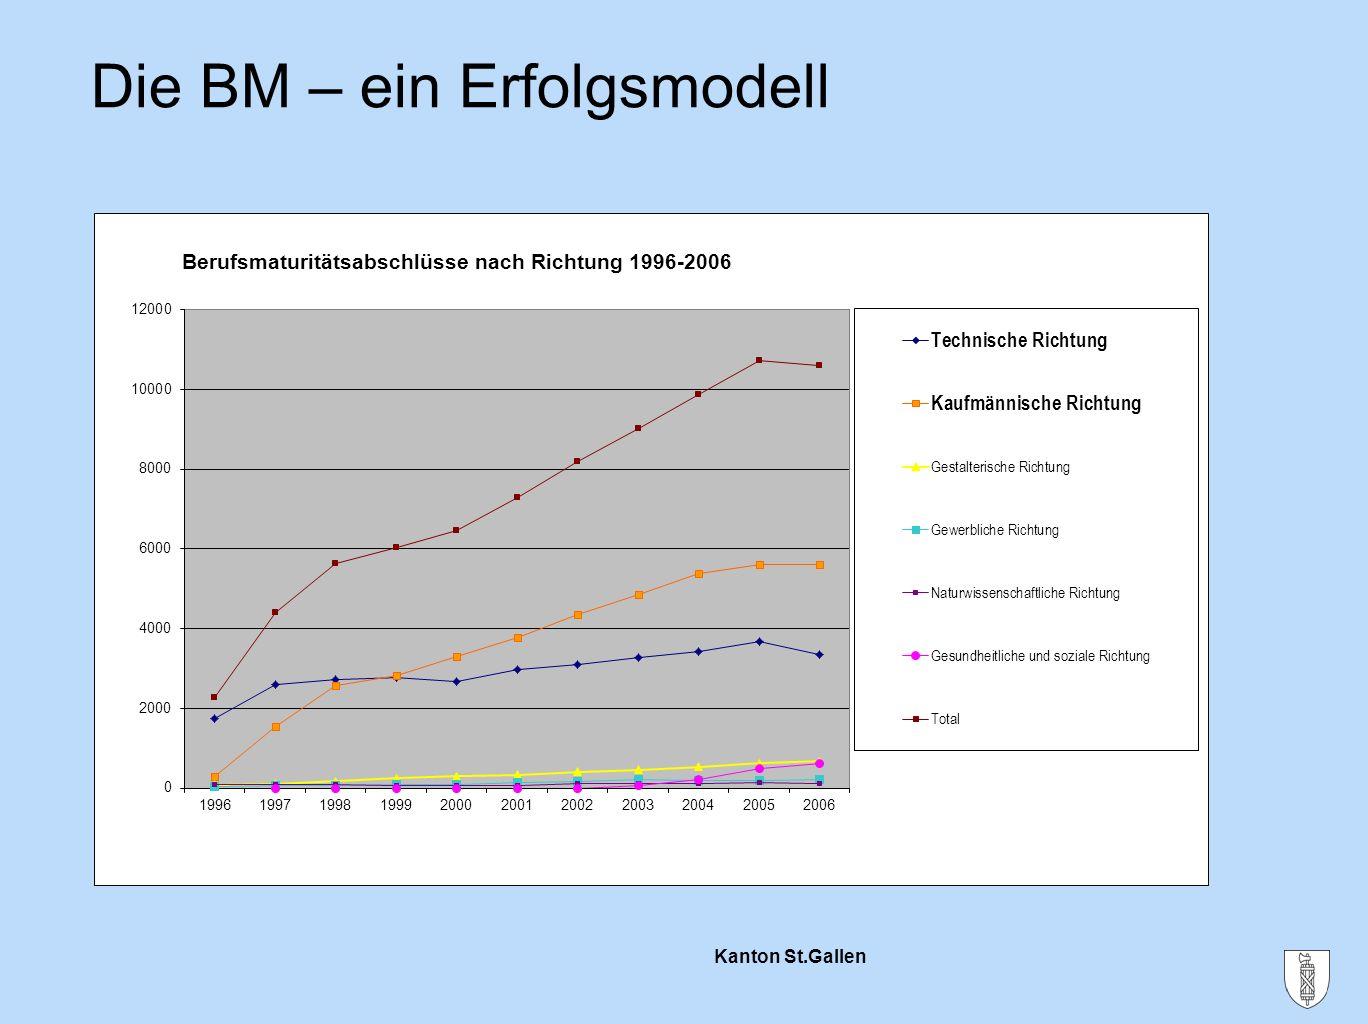 Die BM – ein Erfolgsmodell